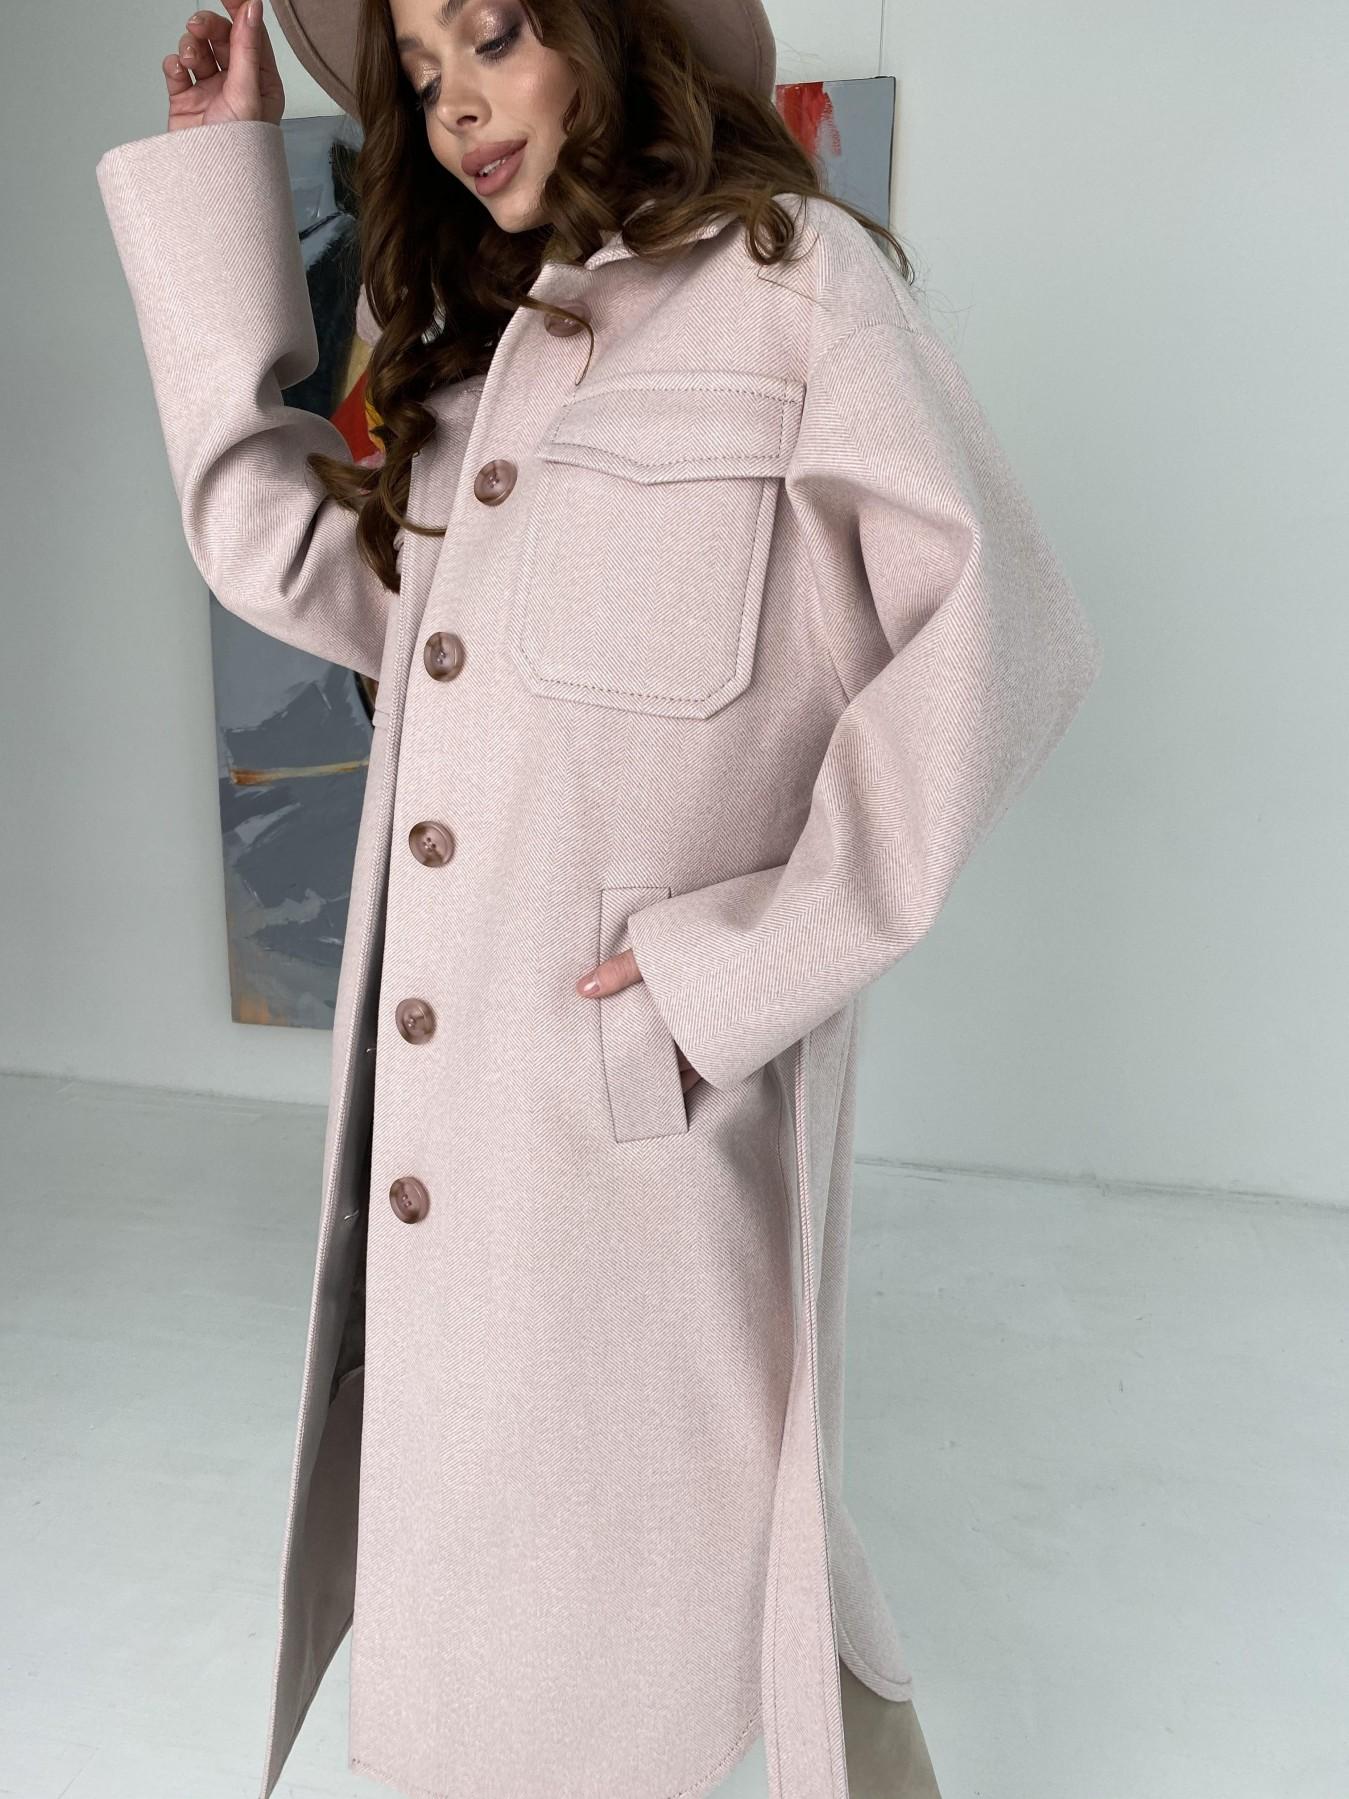 Ола  пальто в мелкую елочку из пальтовой ткани 10648 АРТ. 46989 Цвет: Пудра - фото 7, интернет магазин tm-modus.ru